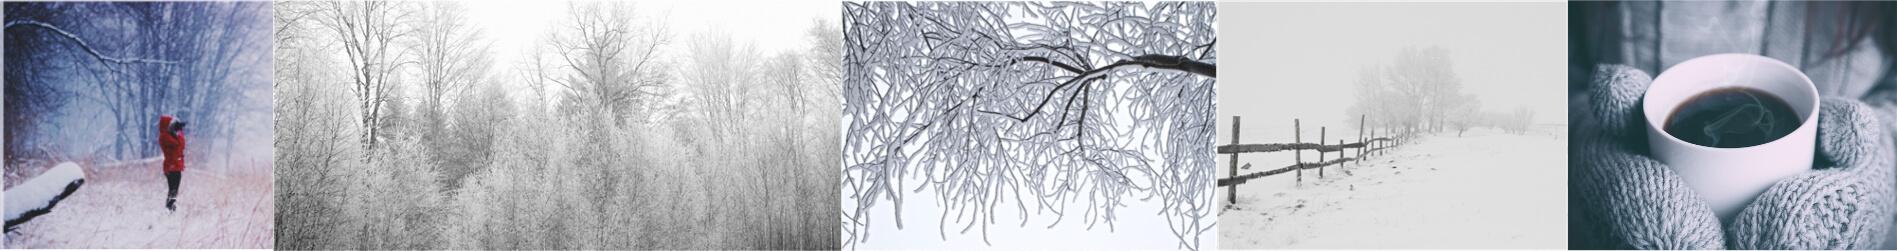 Paysages de neige à Chiny